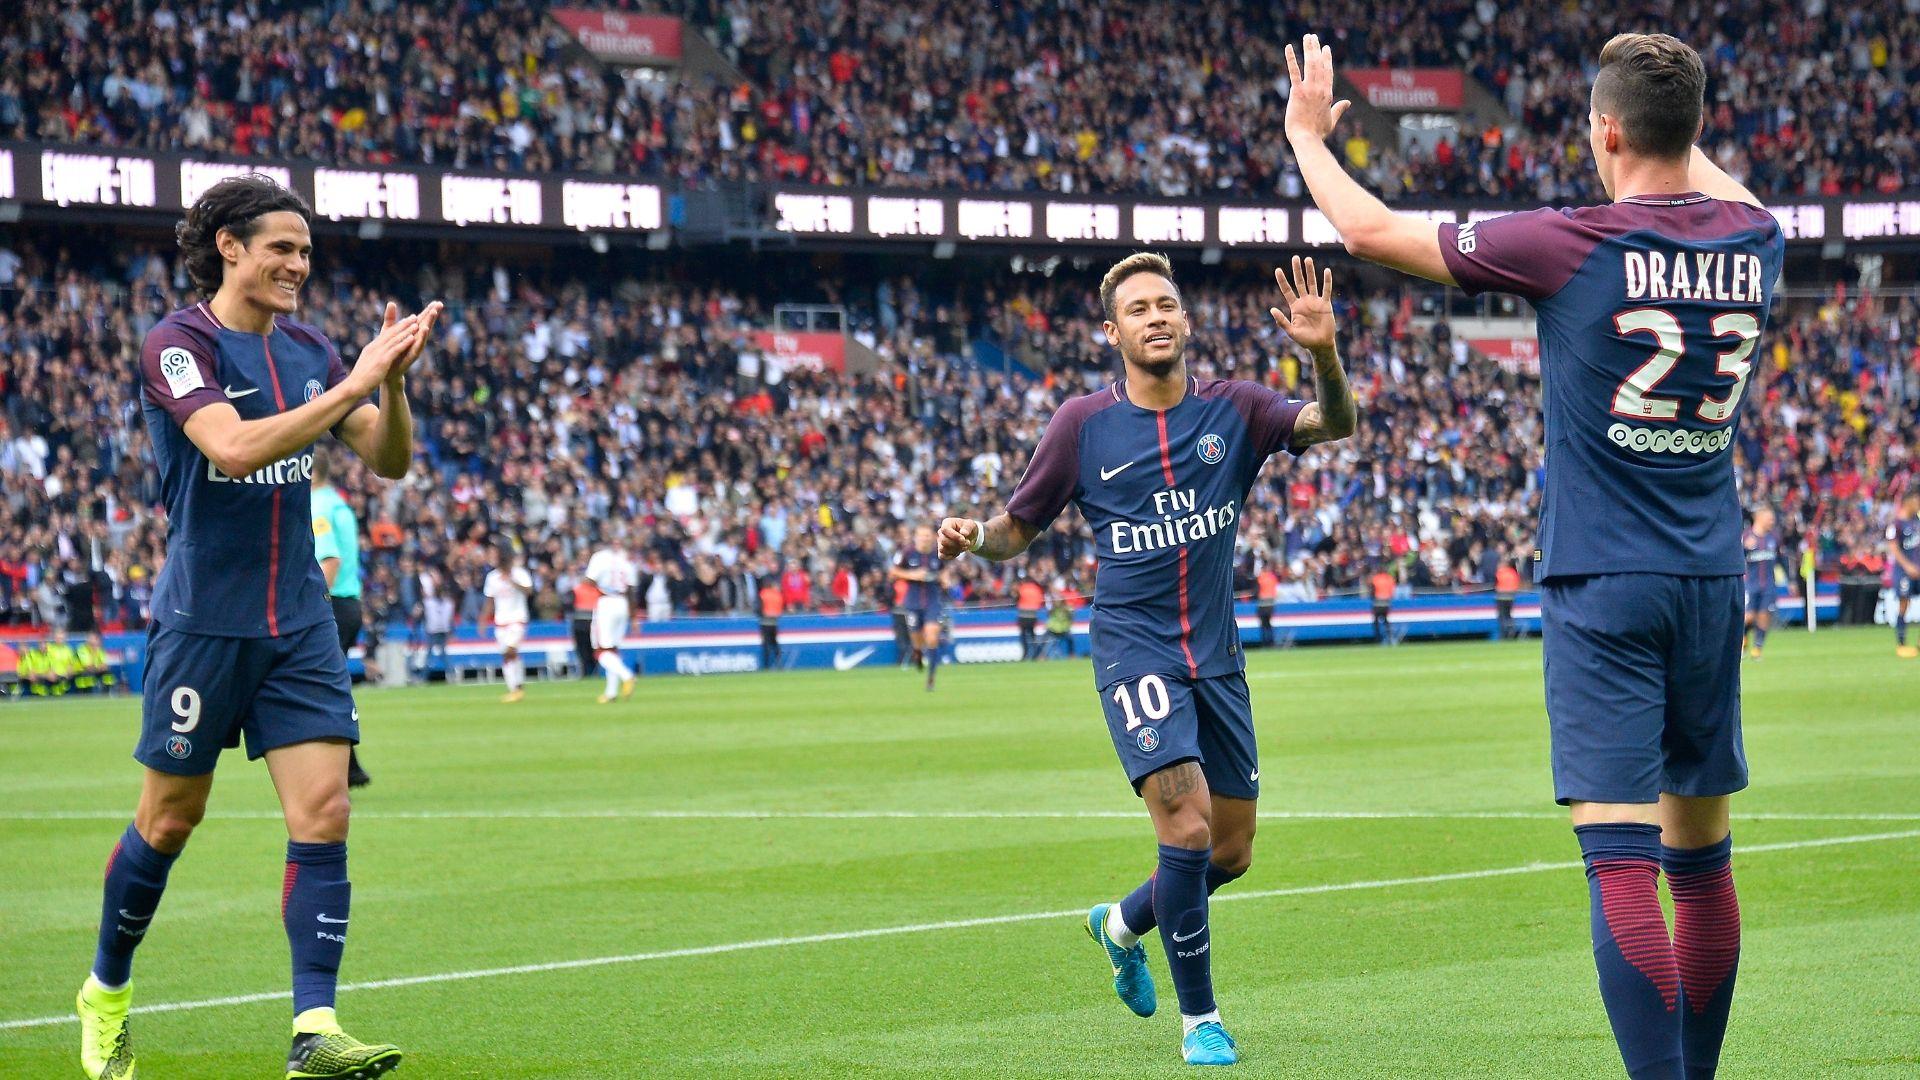 Draxler Neymar